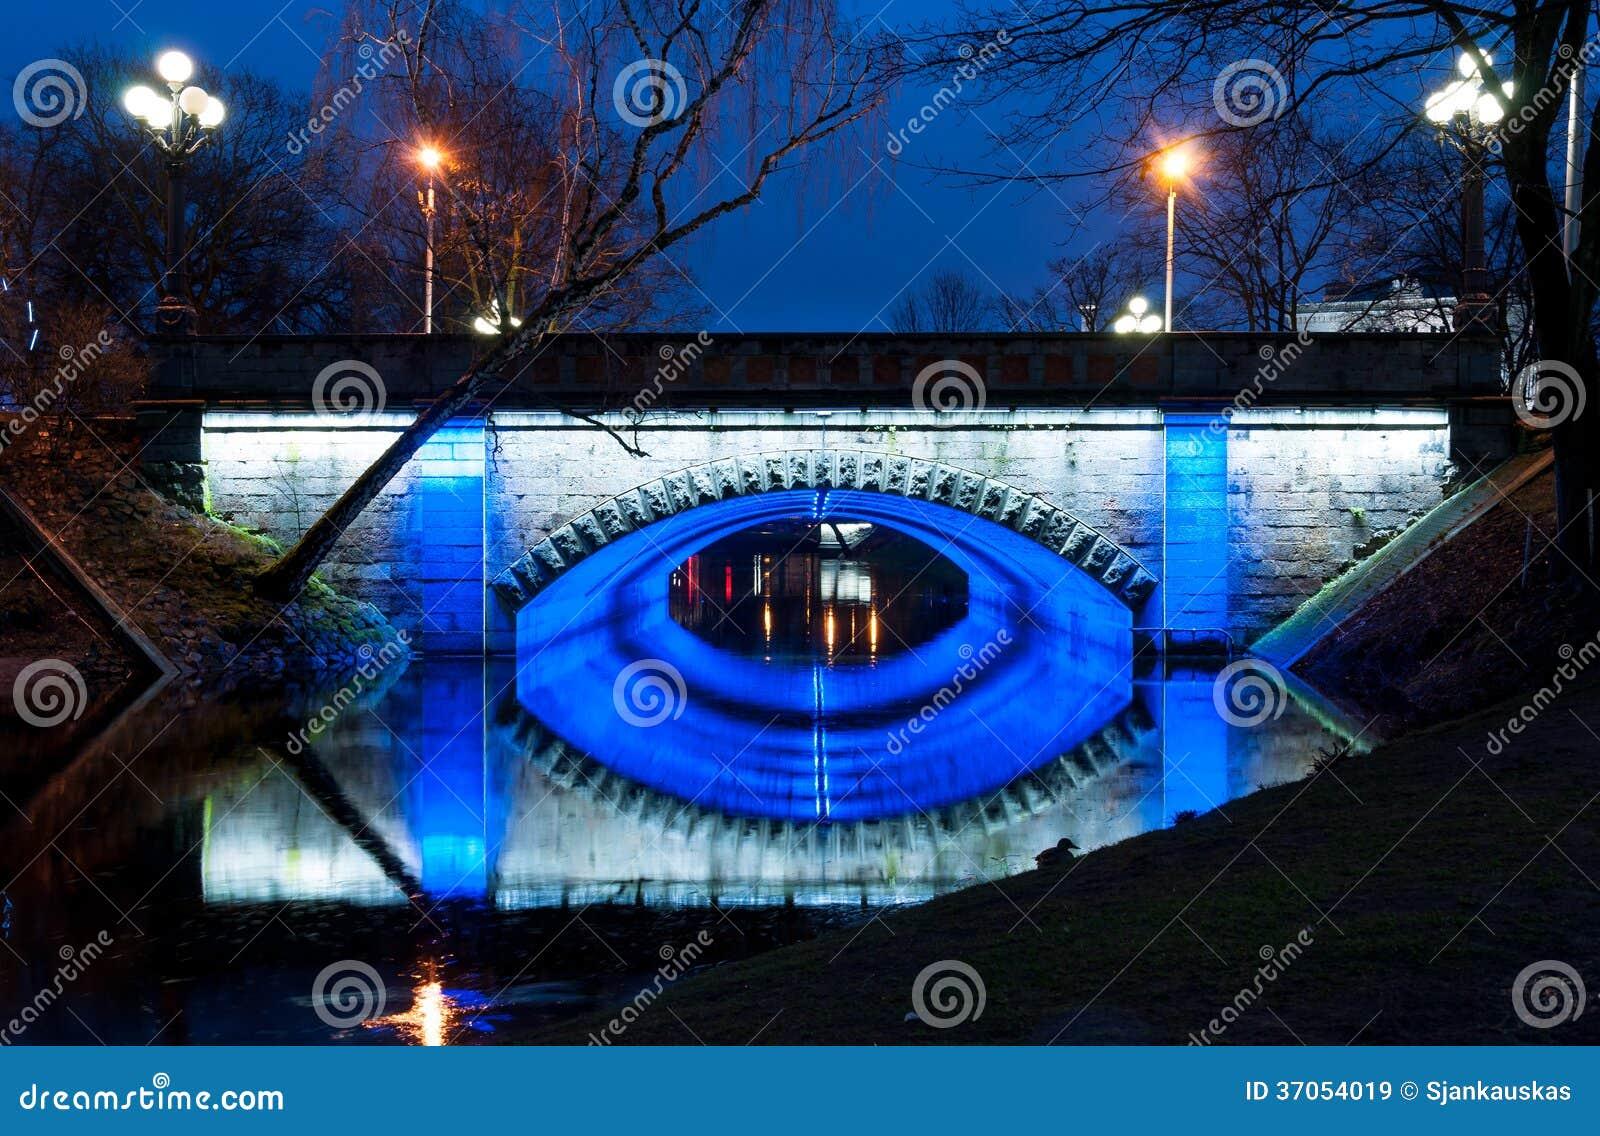 Night bridge in Riga park